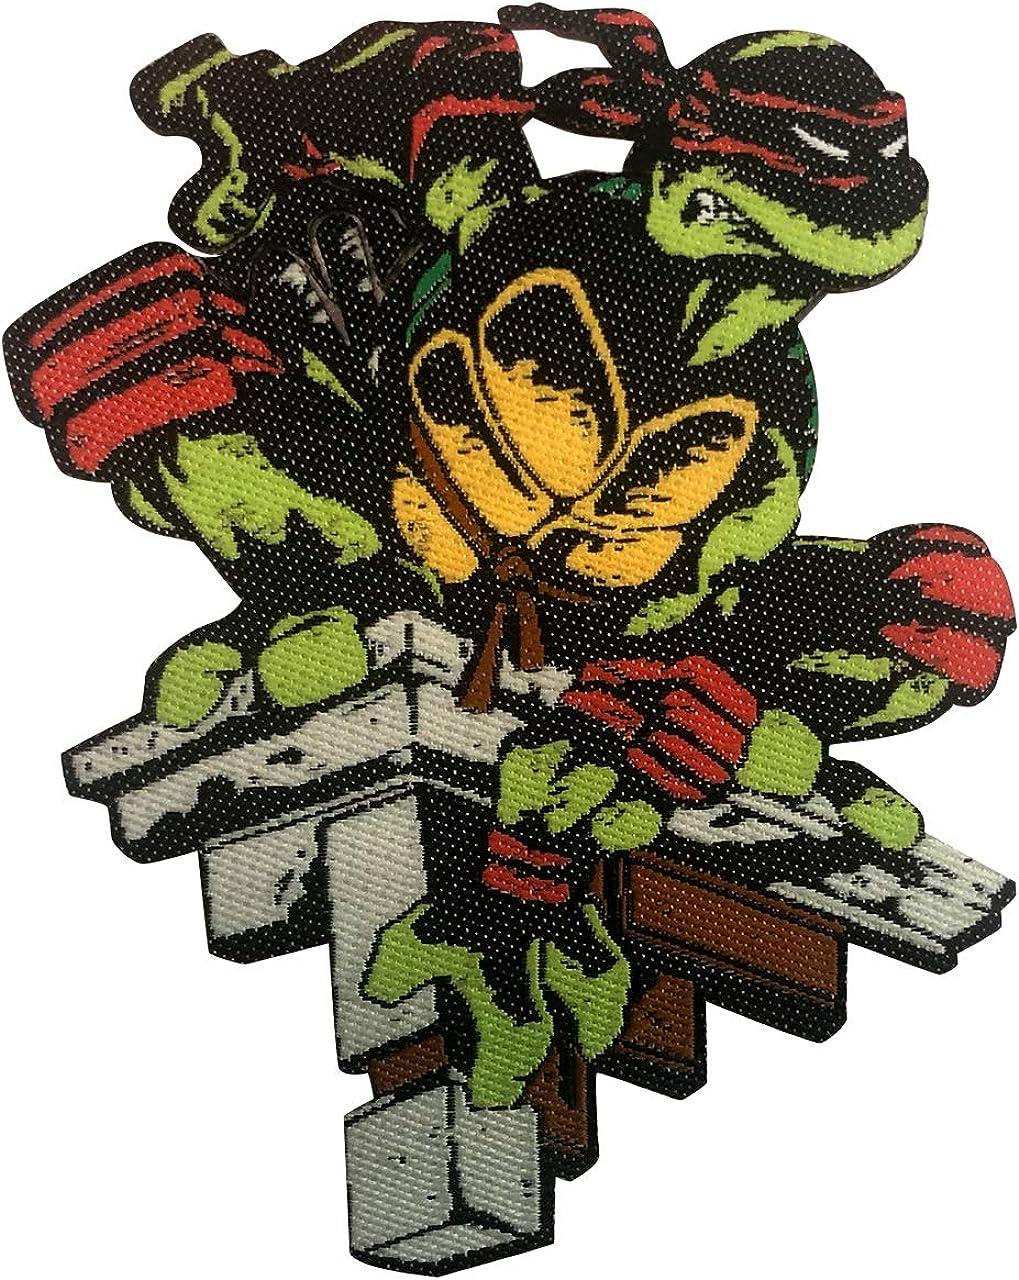 Nightwatch Raphael - TMNT Iron On Patch